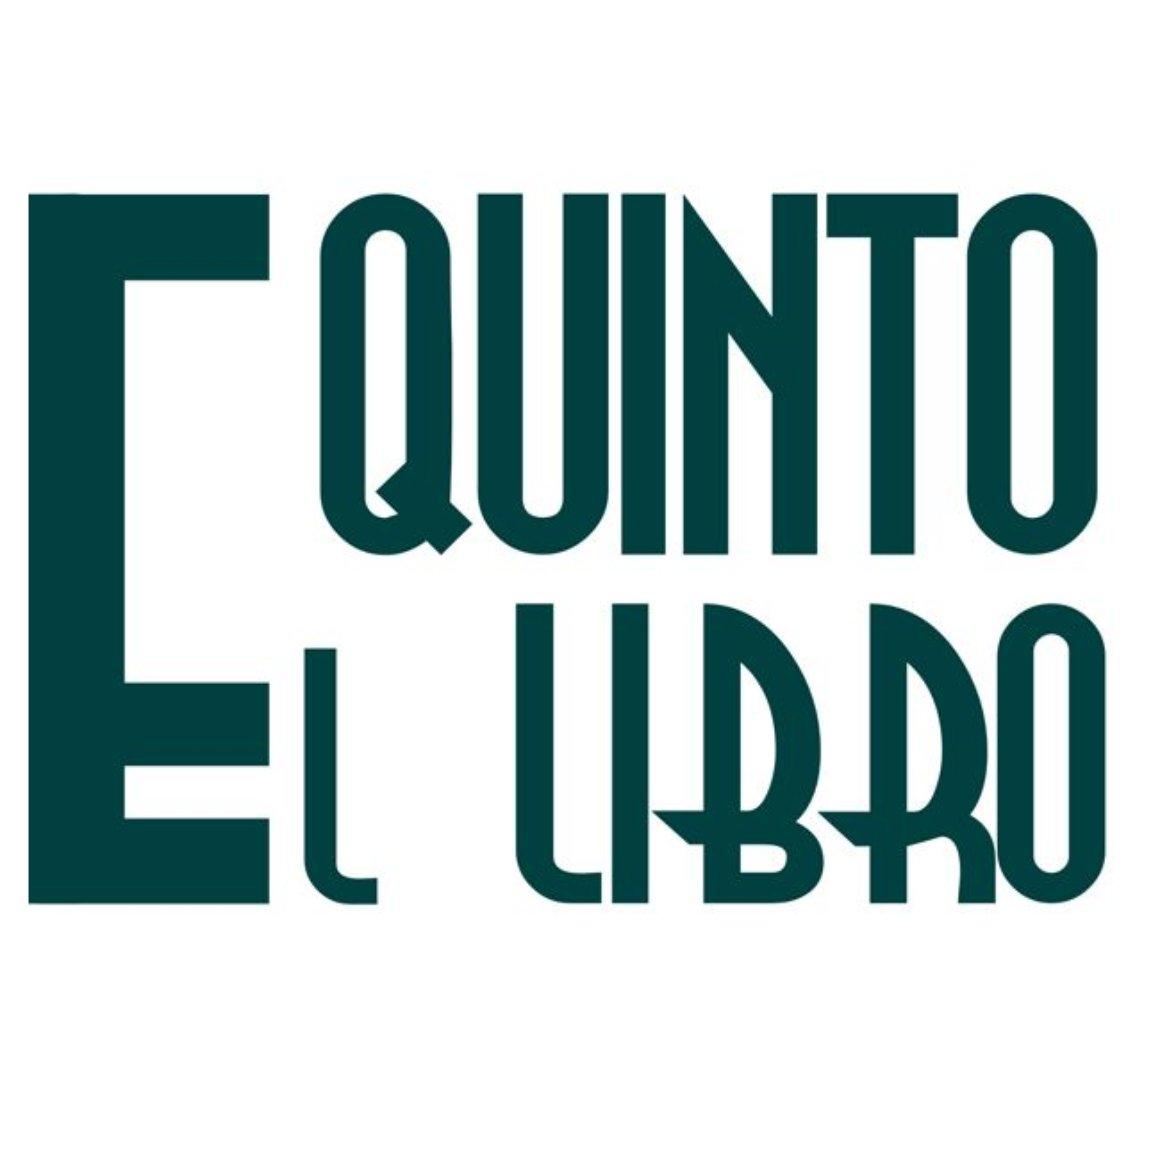 logo-el-quinto-libro